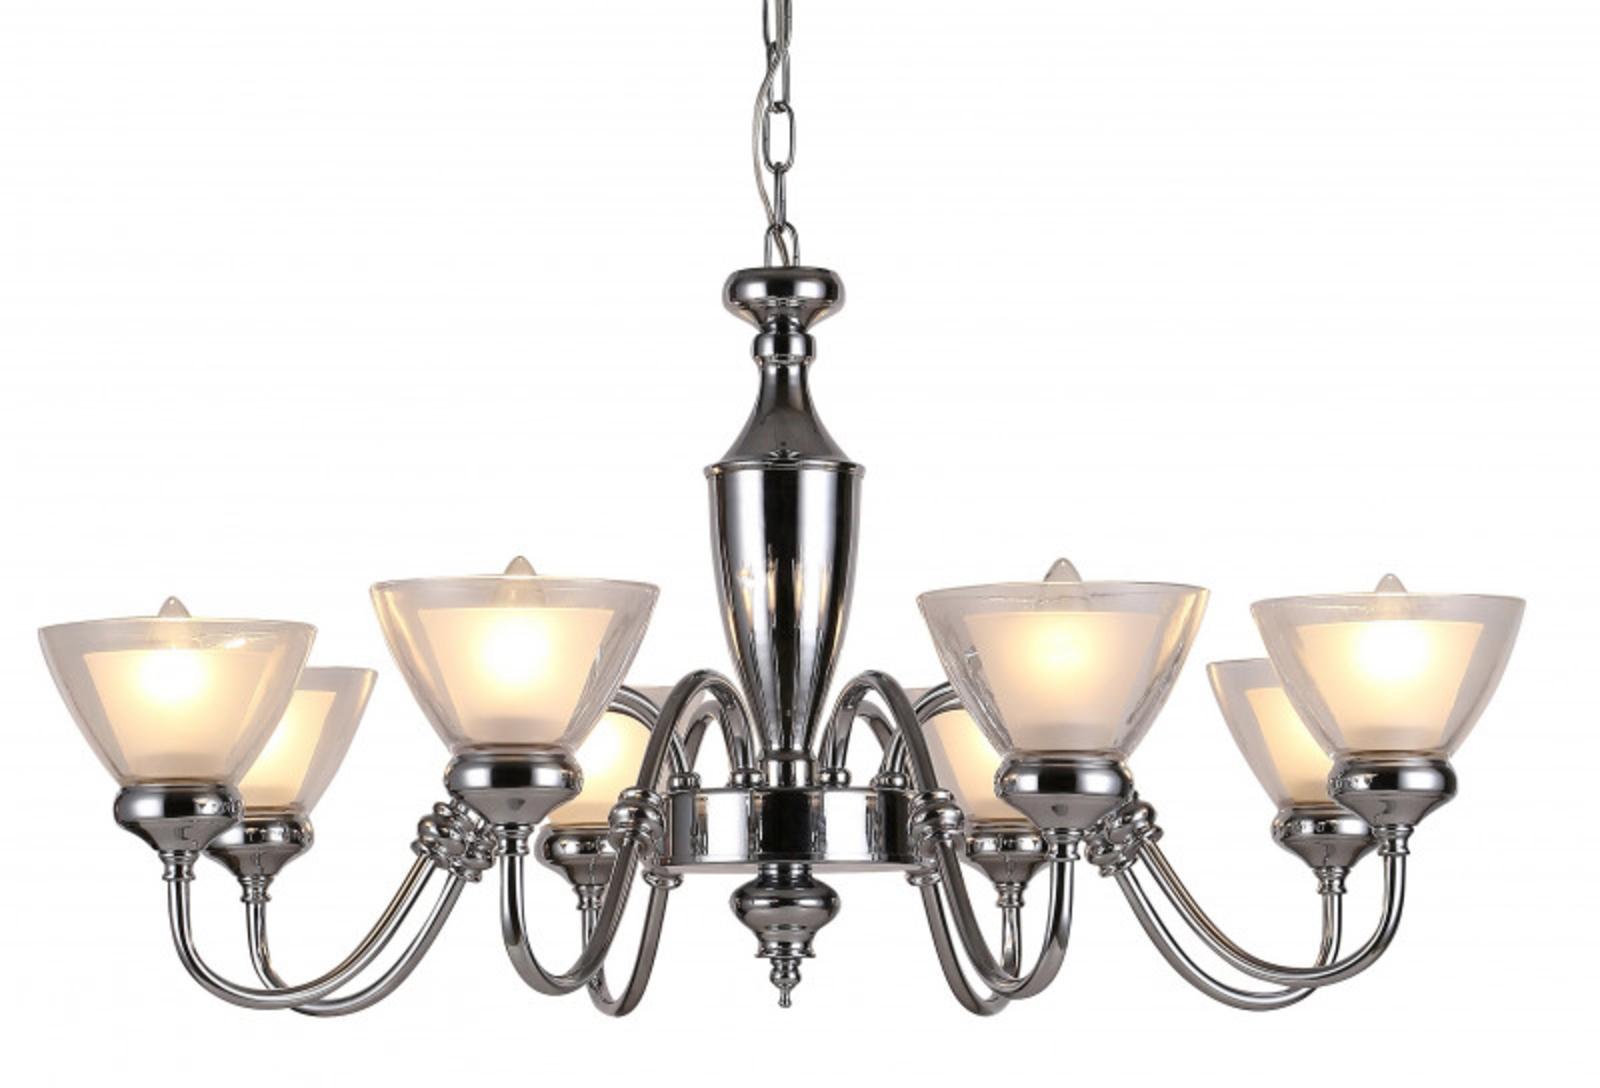 Купить Подвесная люстра Toscana Подвесная люстра ARTE Lamp A5184LM-8CC (13782), HomeMe